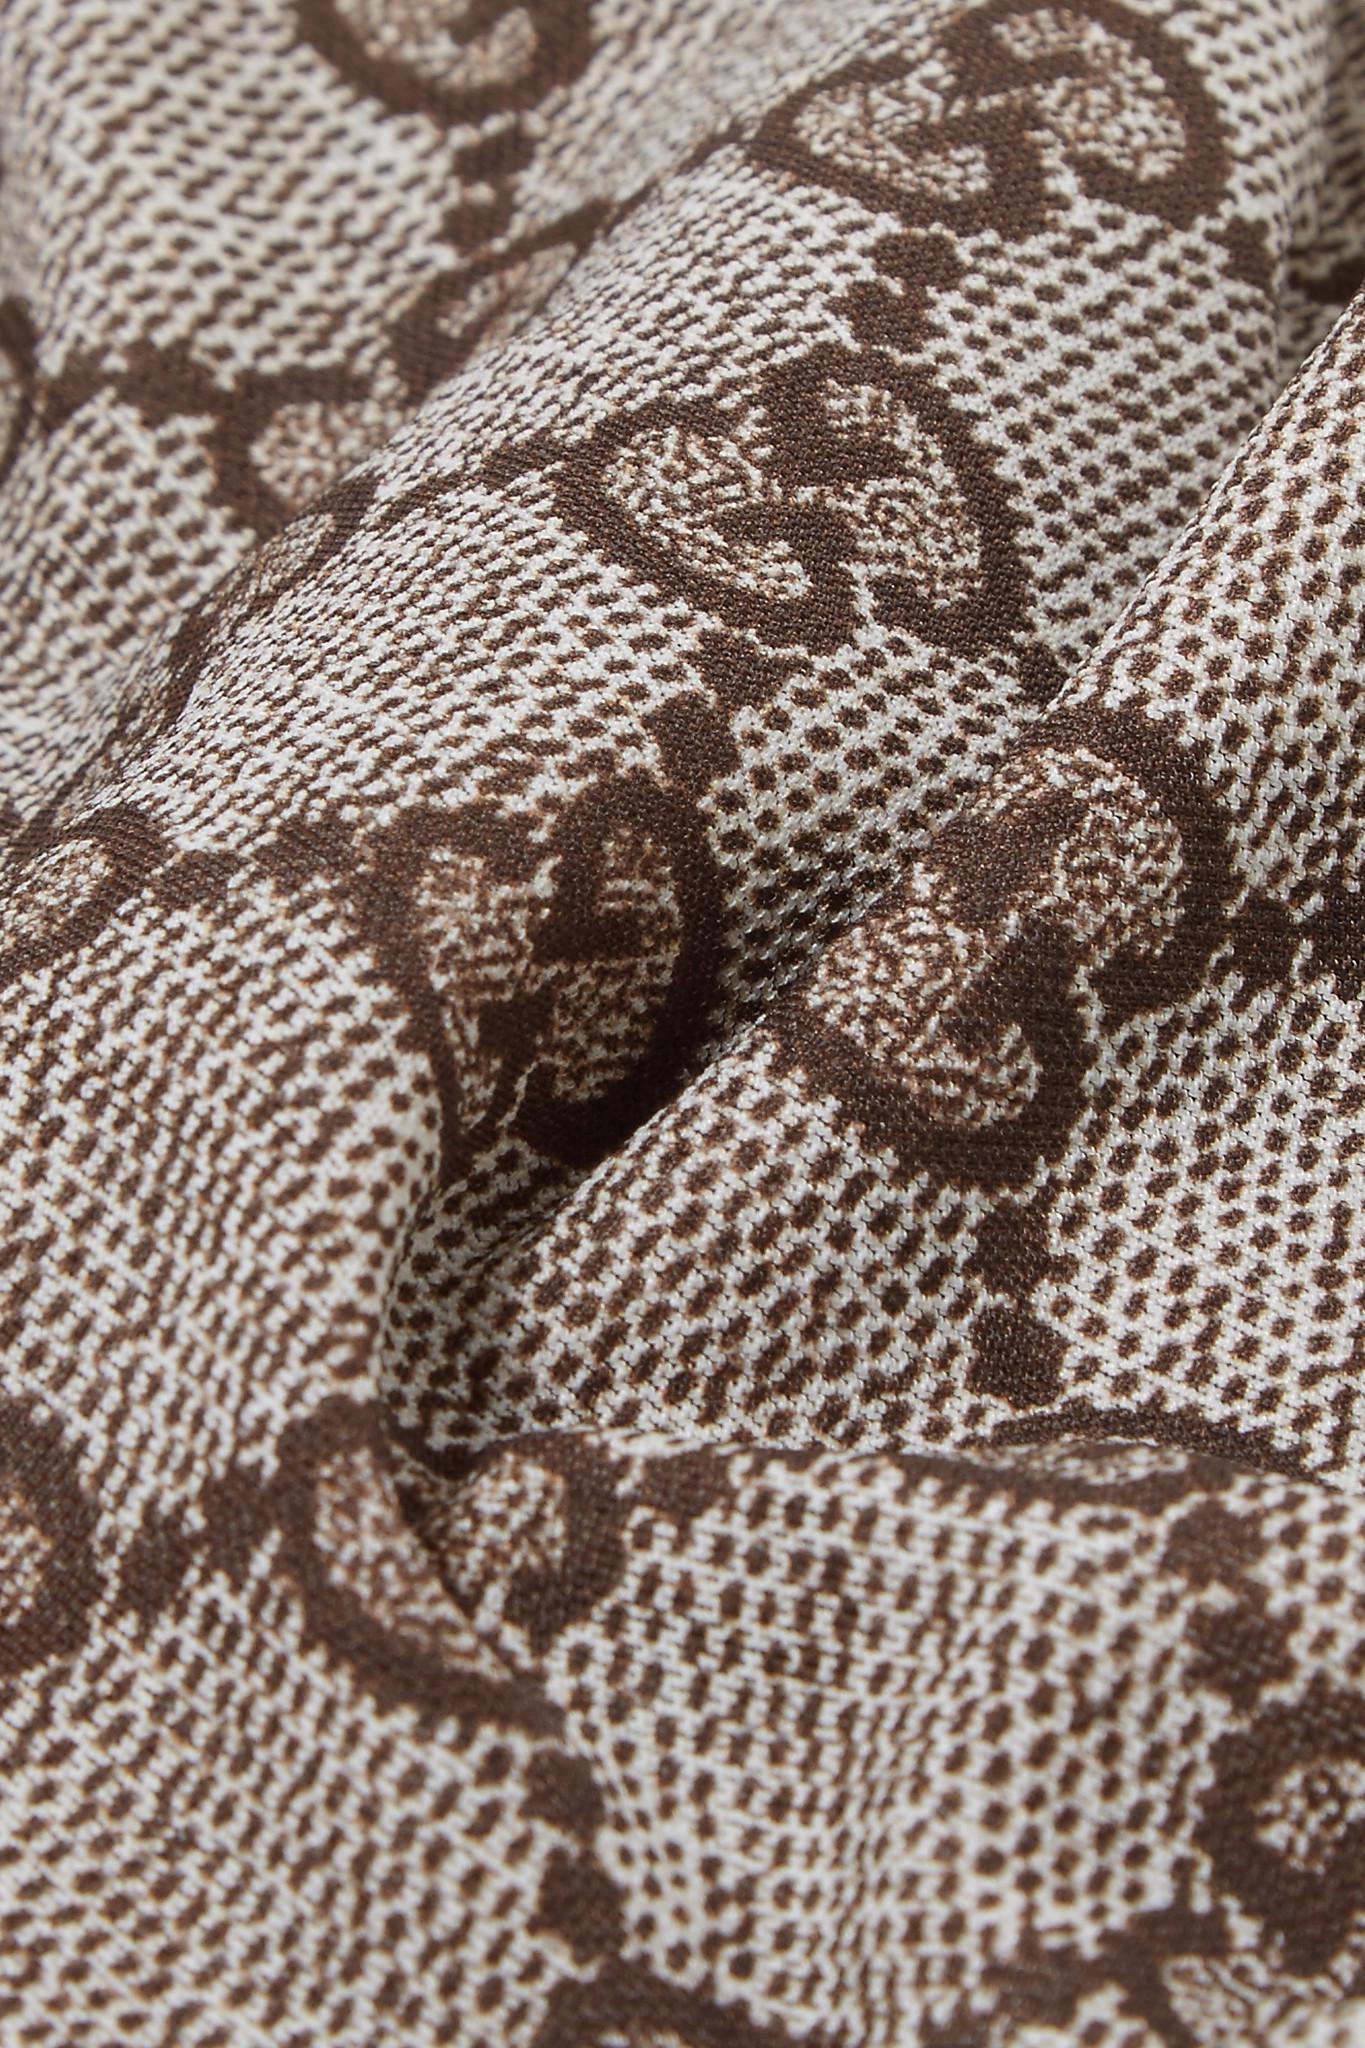 ce0d82e1d0671 Gucci Intarsia Tights in Brown - Lyst